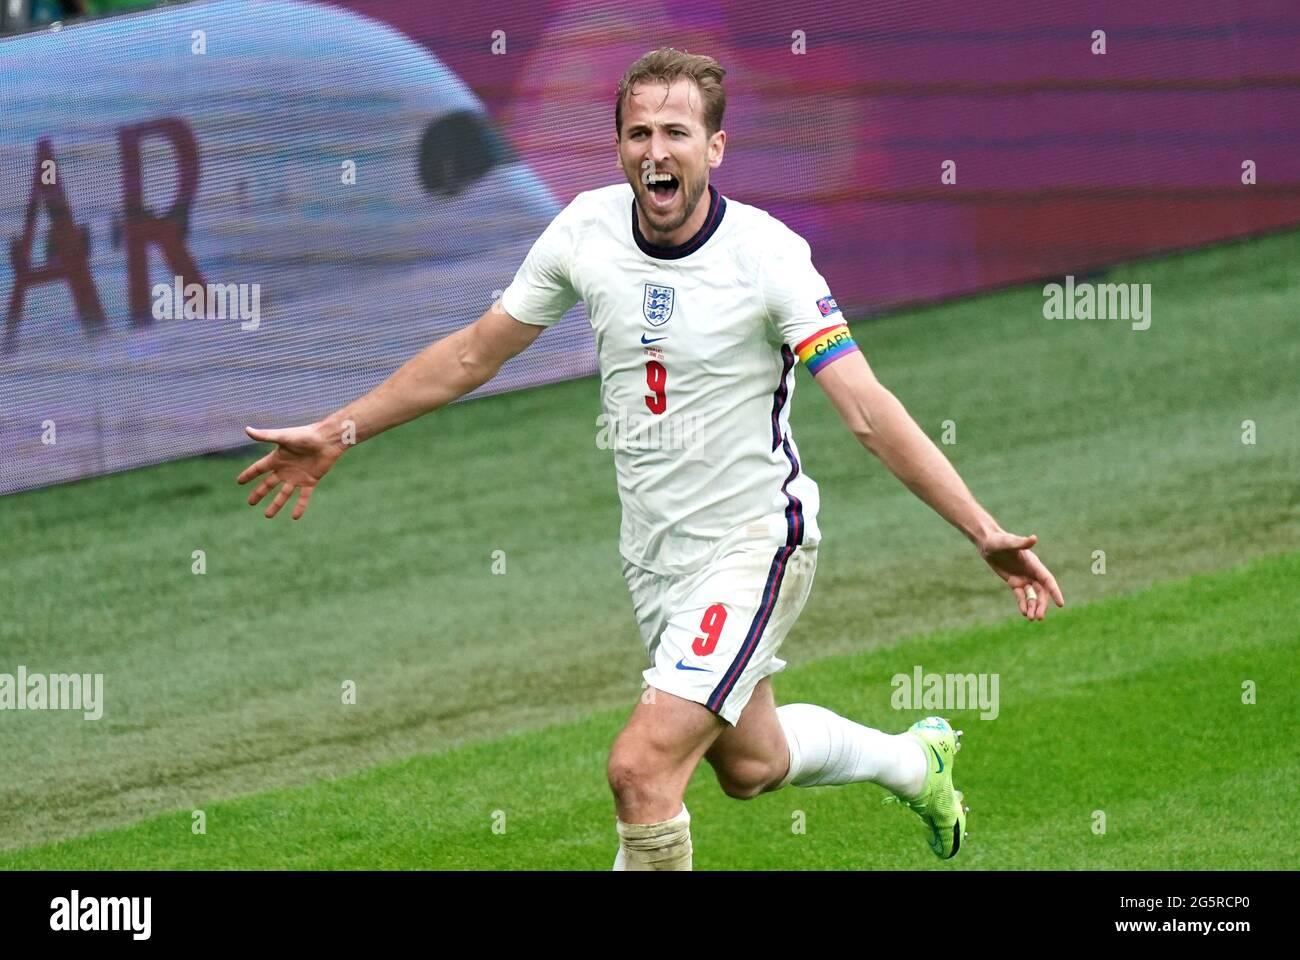 Harry Kane dell'Inghilterra festeggia il secondo gol della partita durante il round UEFA Euro 2020 del 16 al Wembley Stadium di Londra. Data immagine: Martedì 29 giugno 2021. Foto Stock